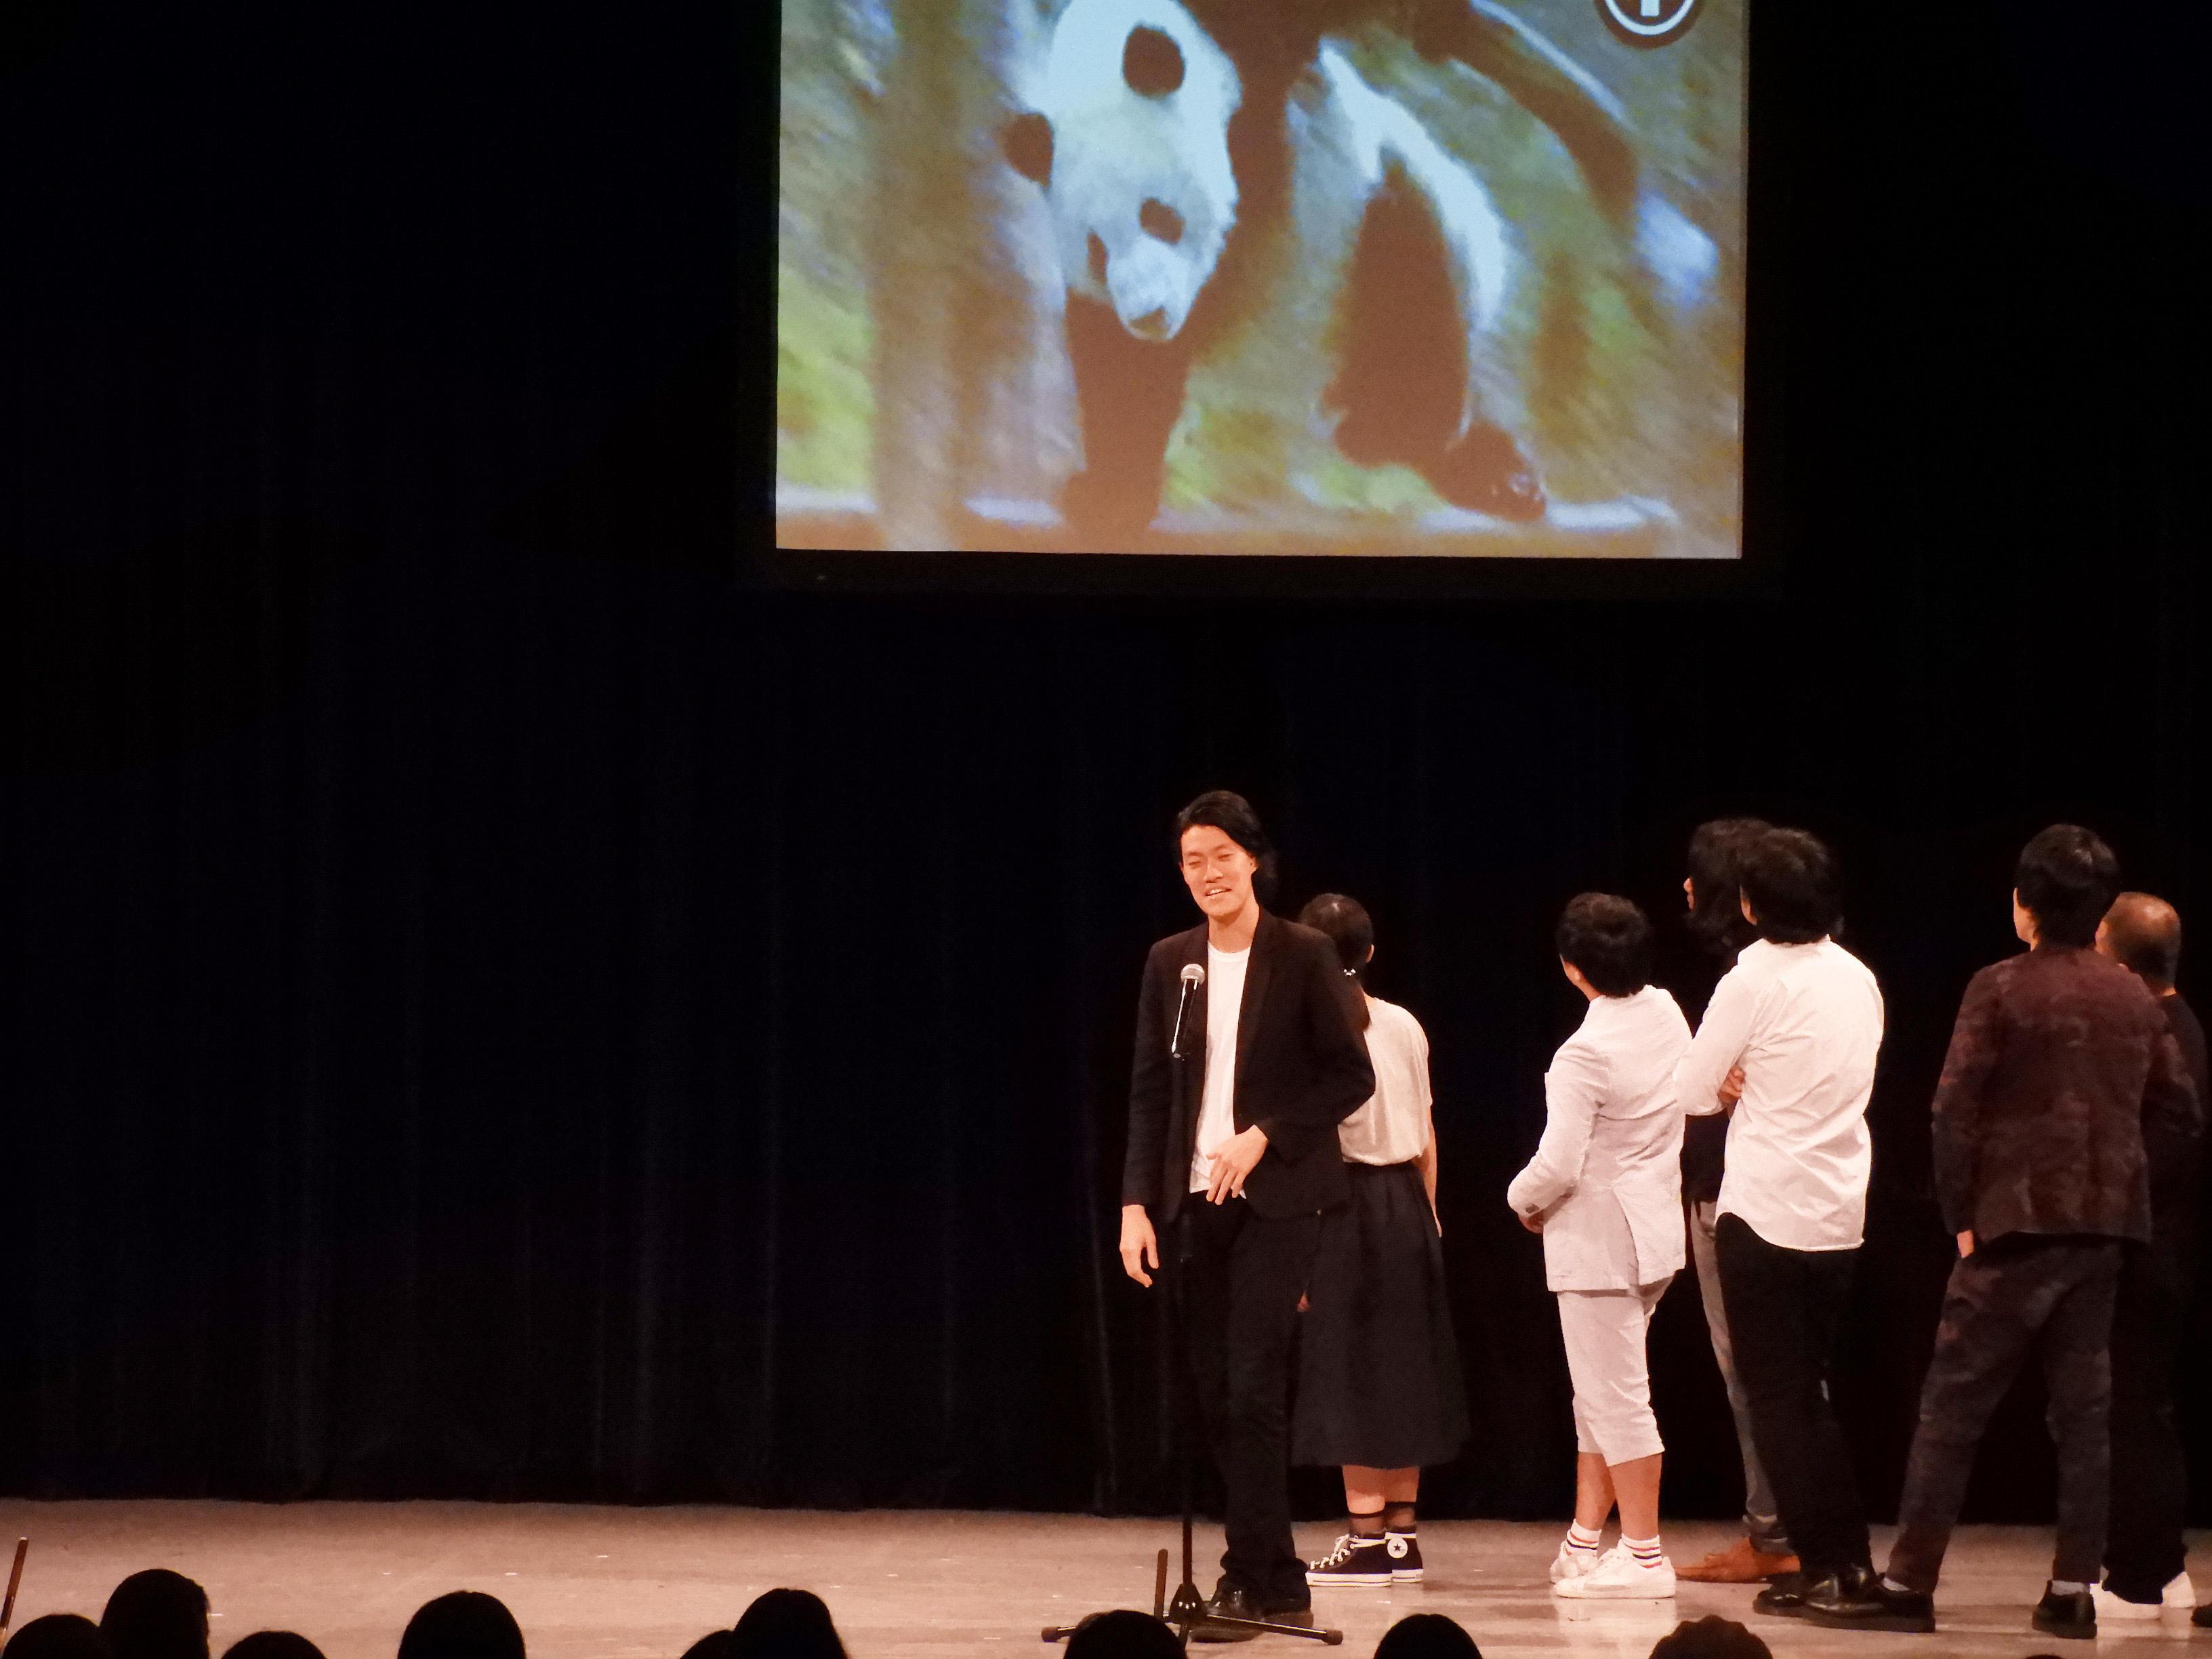 http://news.yoshimoto.co.jp/20180926120604-c0f9c5e3d2b4a35c2e9b0fb0670d125488ae0bf0.jpg